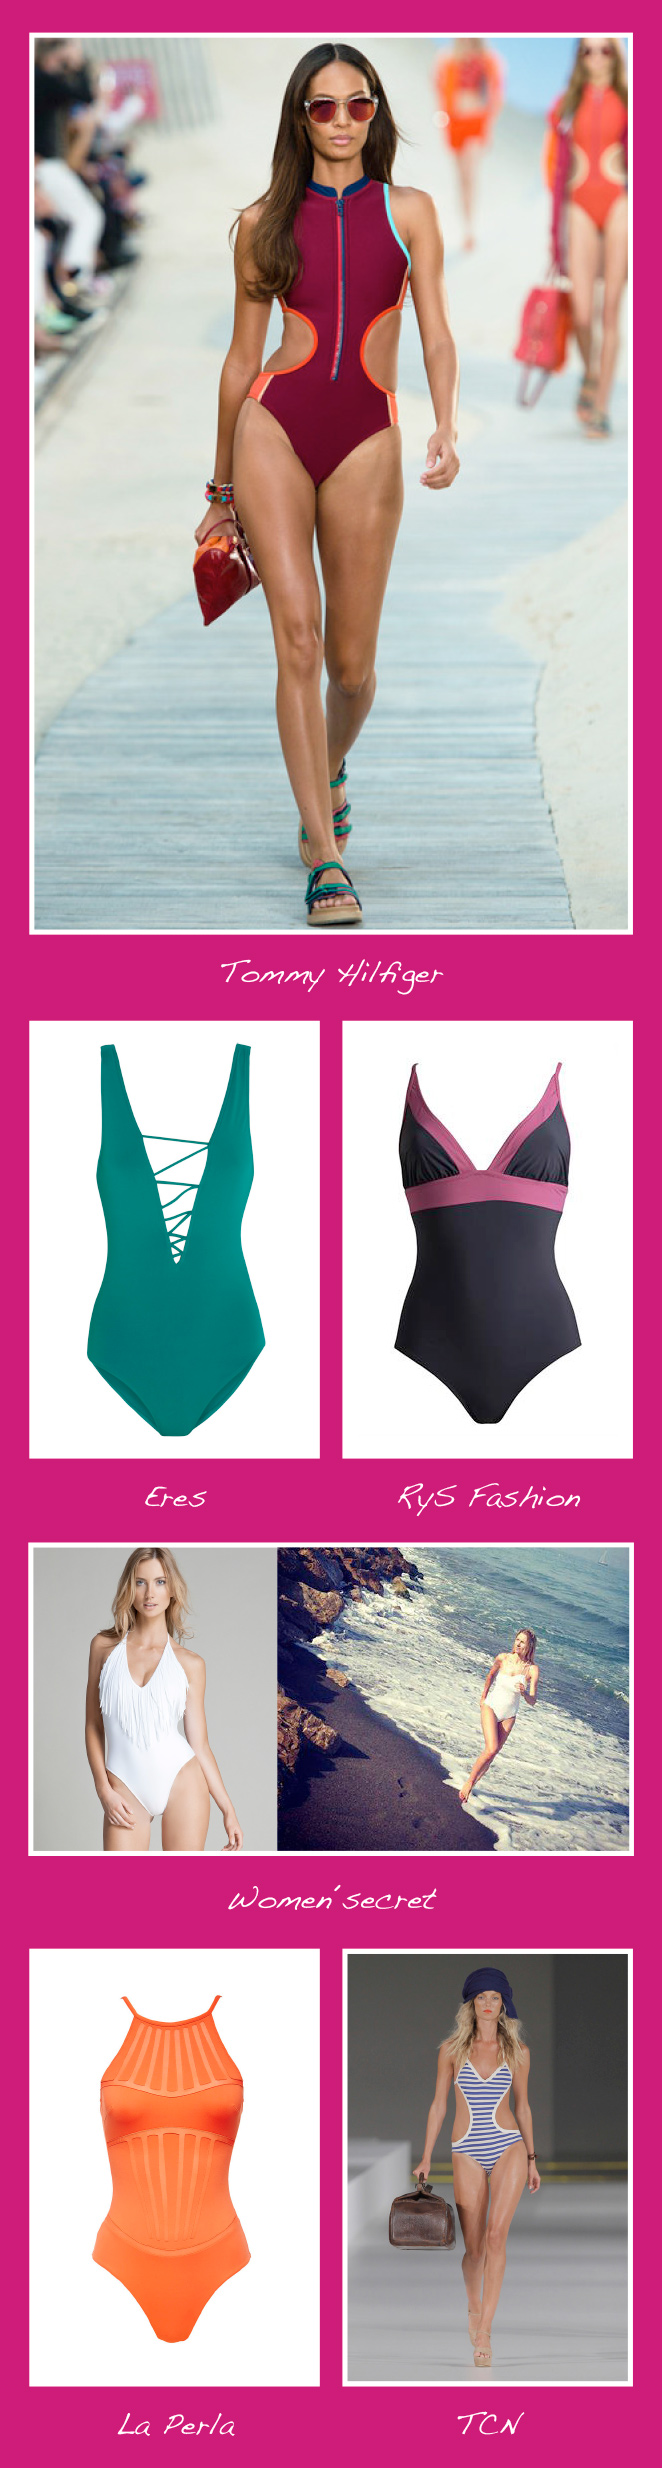 Bañadores de moda para este verano 2014